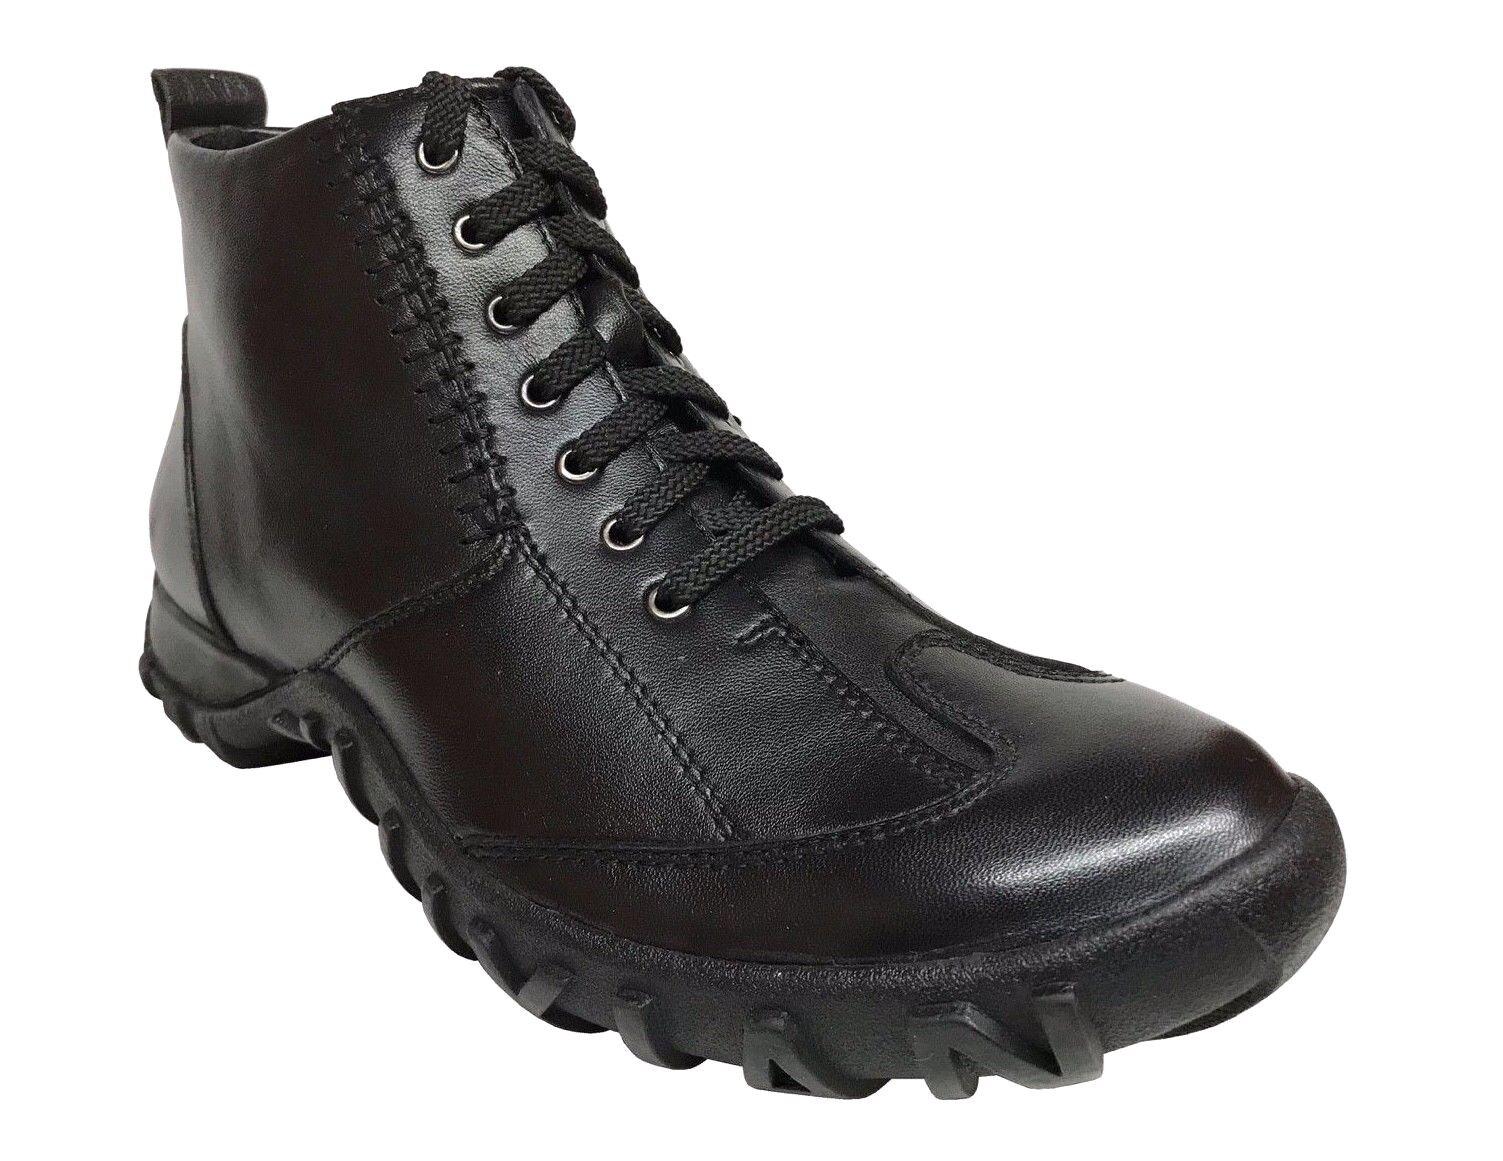 Capori Hombre Oxford De Cuero Negro botas De Deporte 7056-01